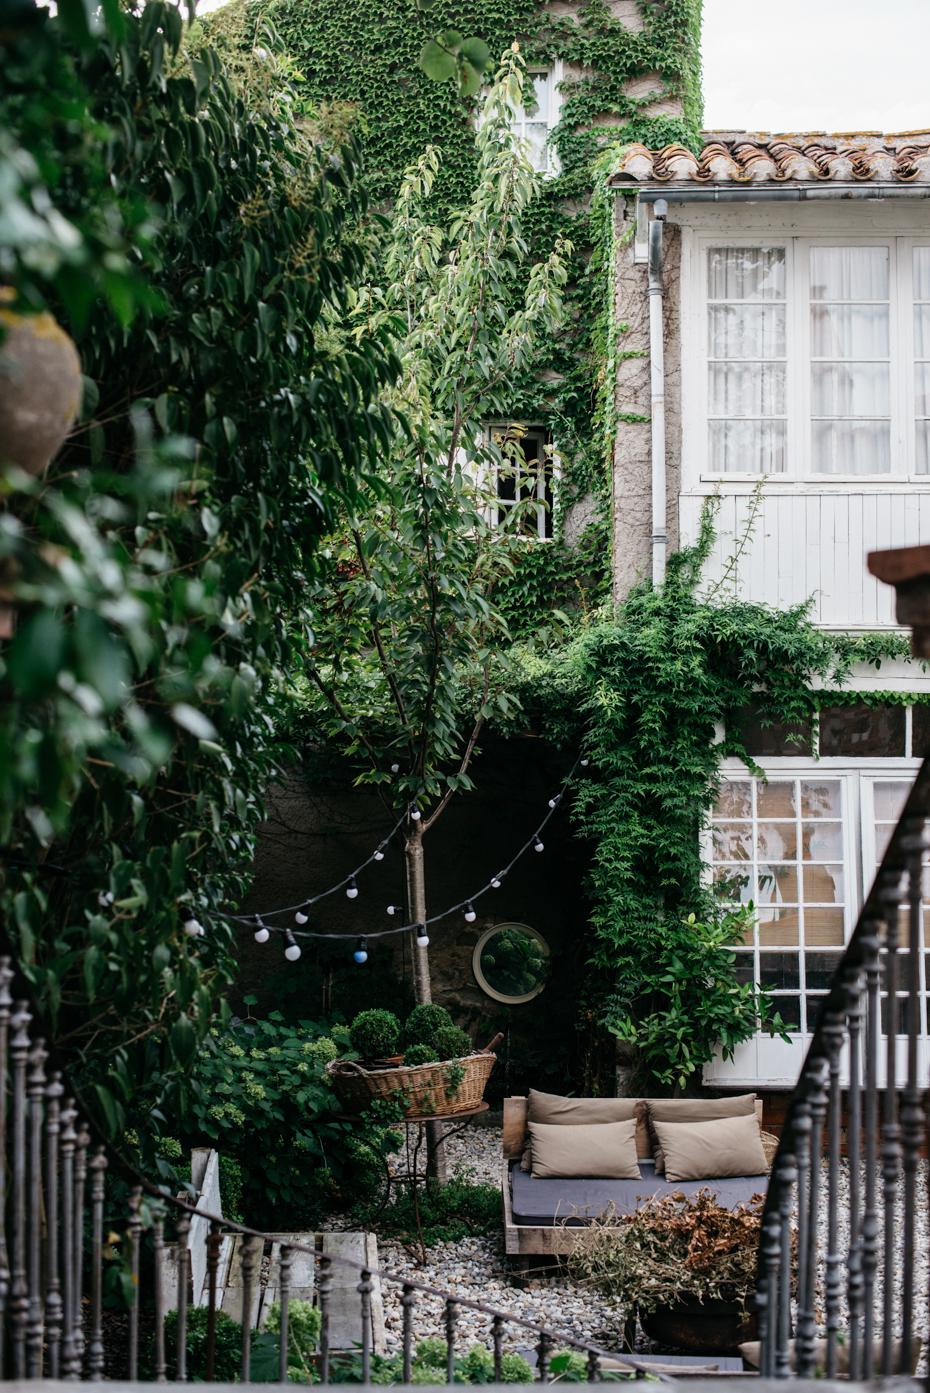 lucine che attraversano il giardino e donano aria di festa al giardino.